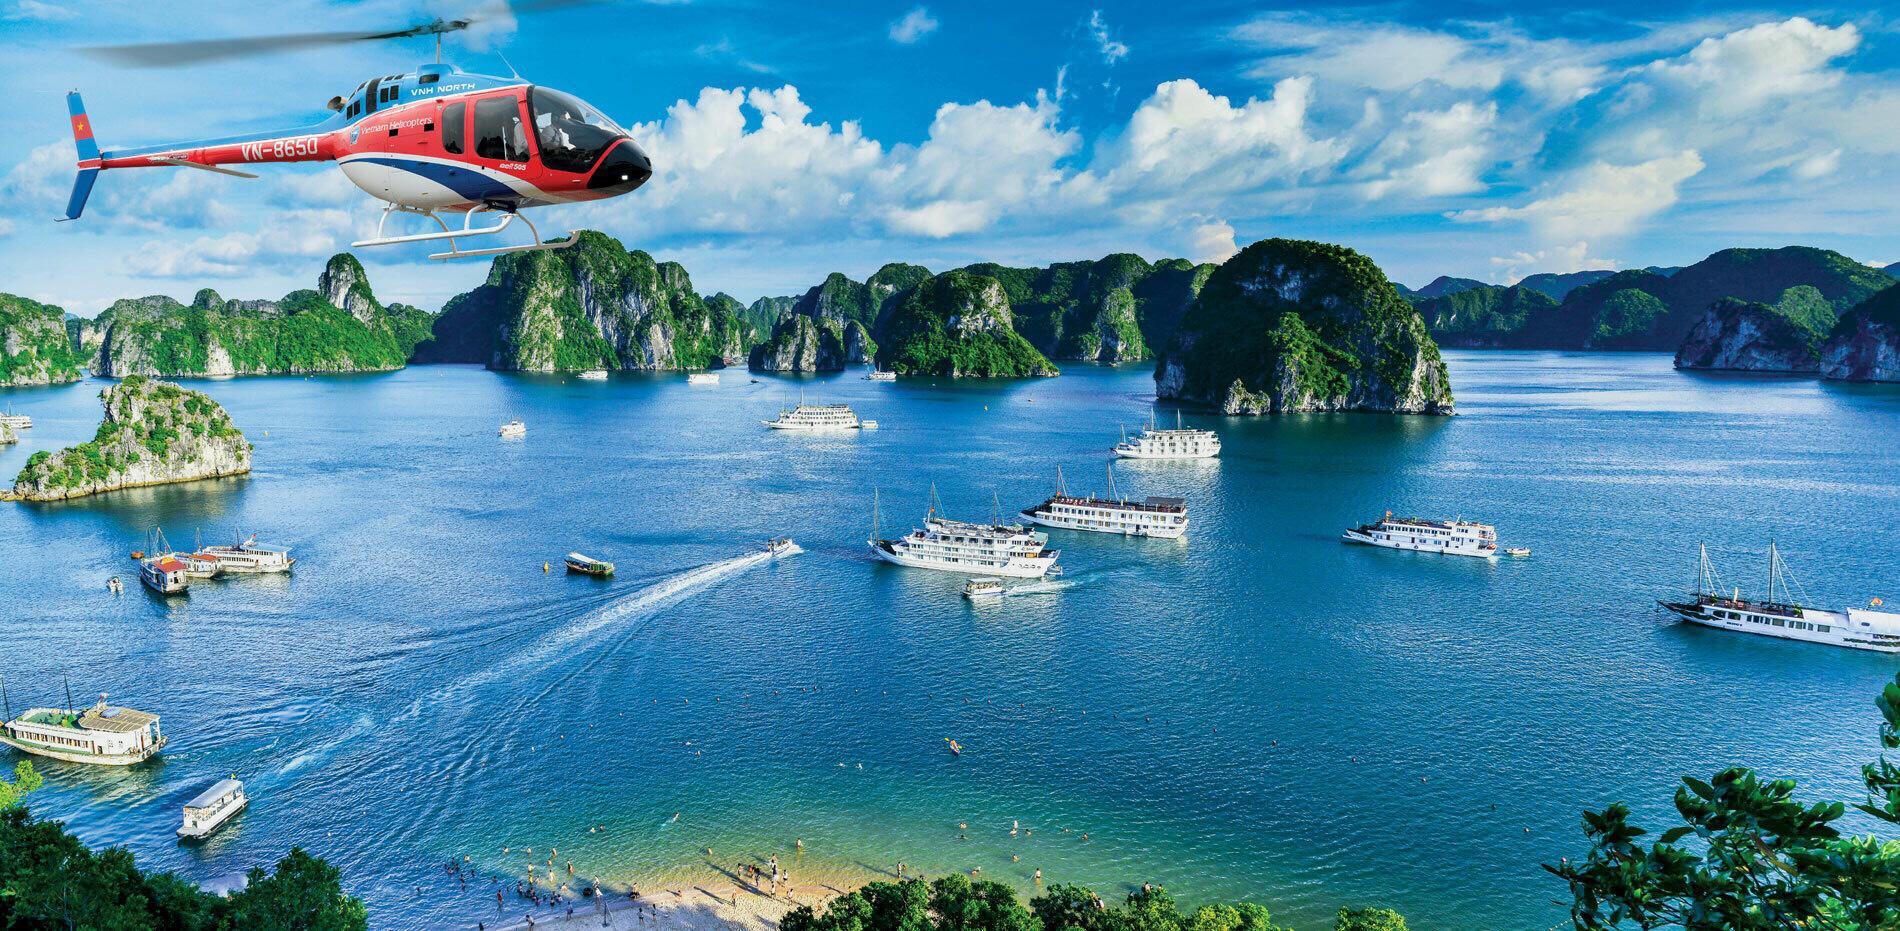 Tour du Lịch Trực thăng ngắm cảnh Vịnh Hạ Long 12 phút